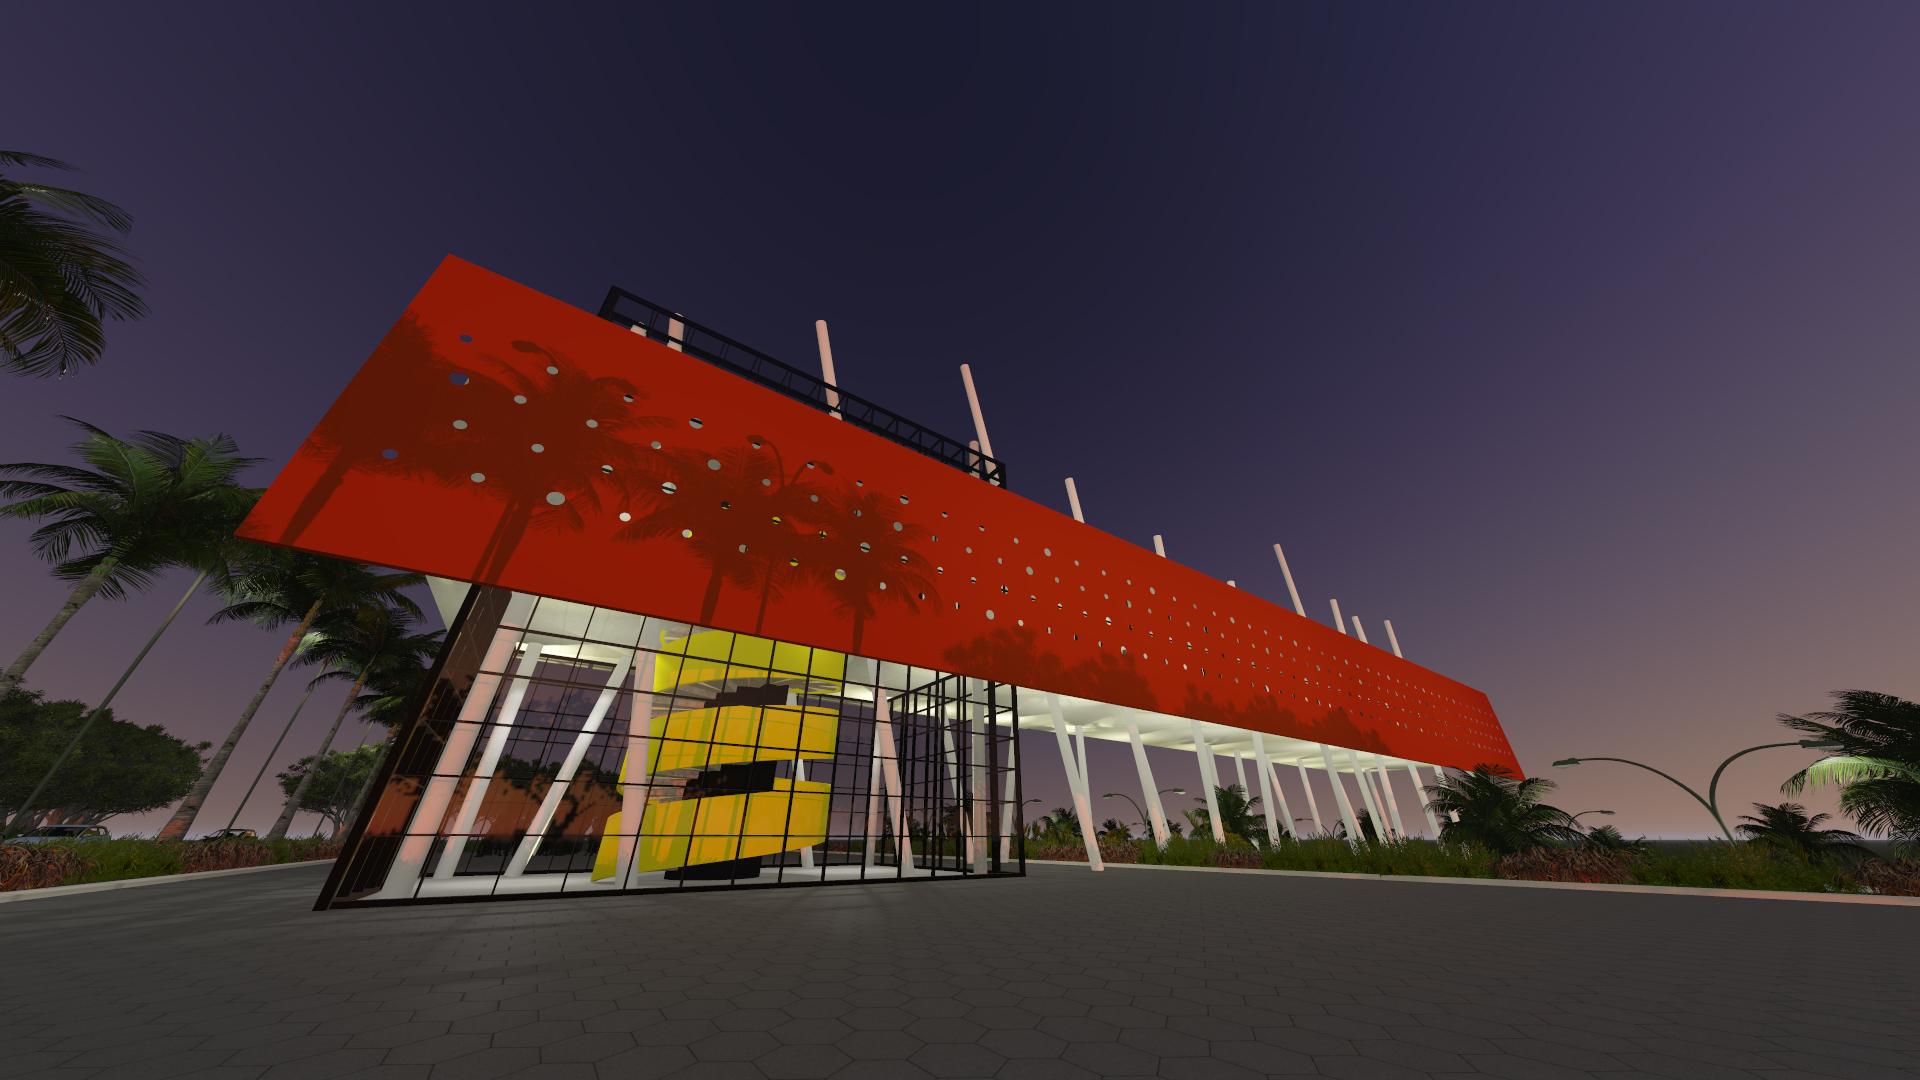 projeto-arquitetonico-museumacaiba-duo-arquitetura-09.jpg